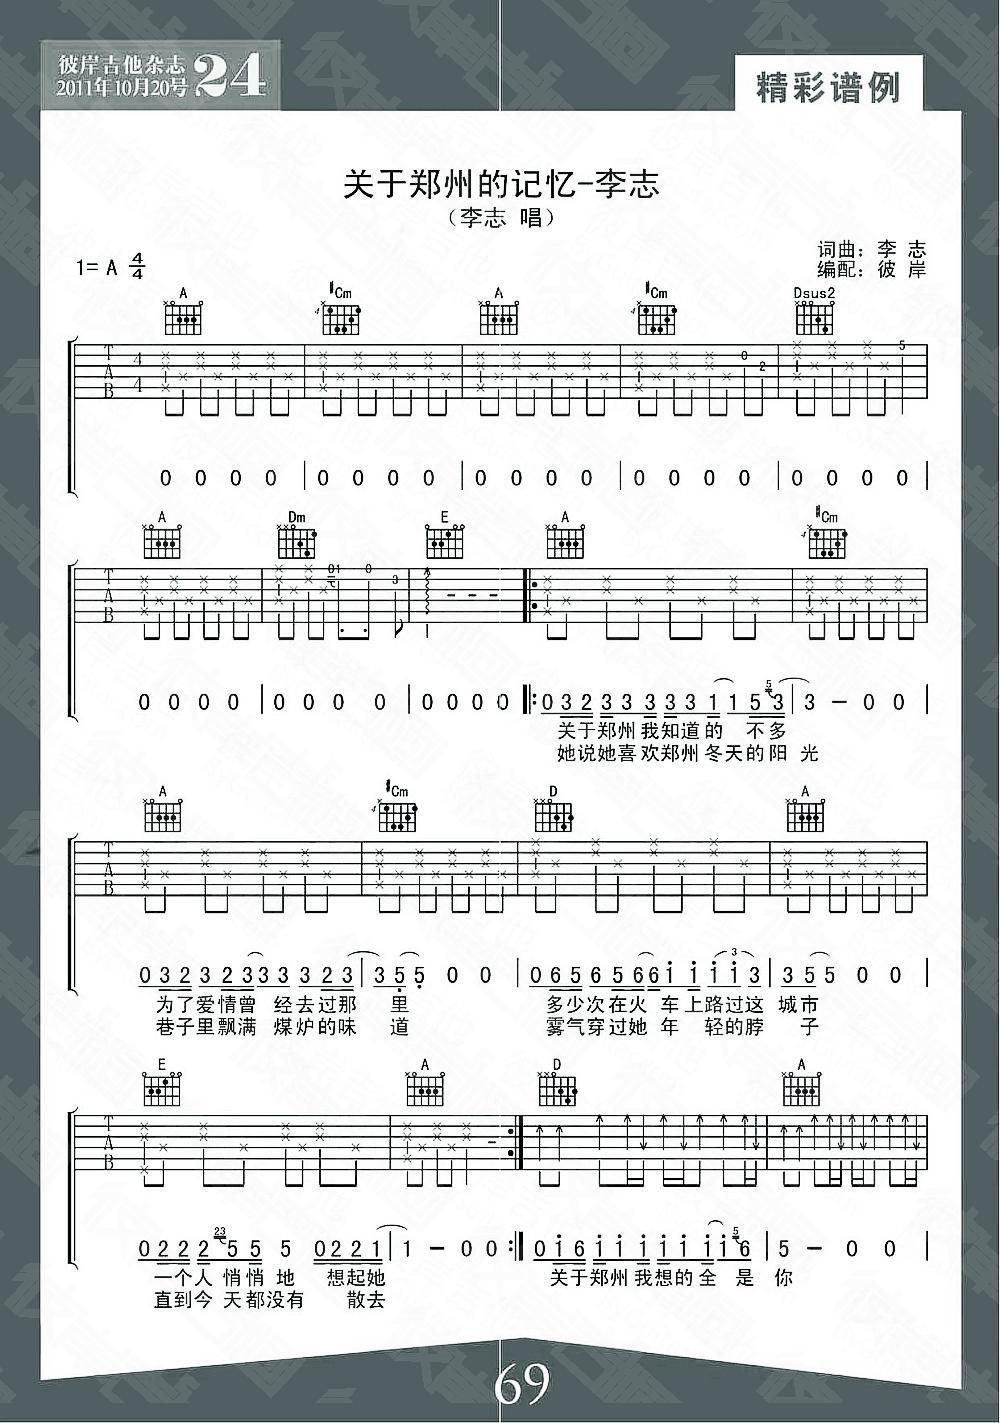 关于郑州的记忆的吉他谱 李志 彼岸吉他中国第一吉他网络